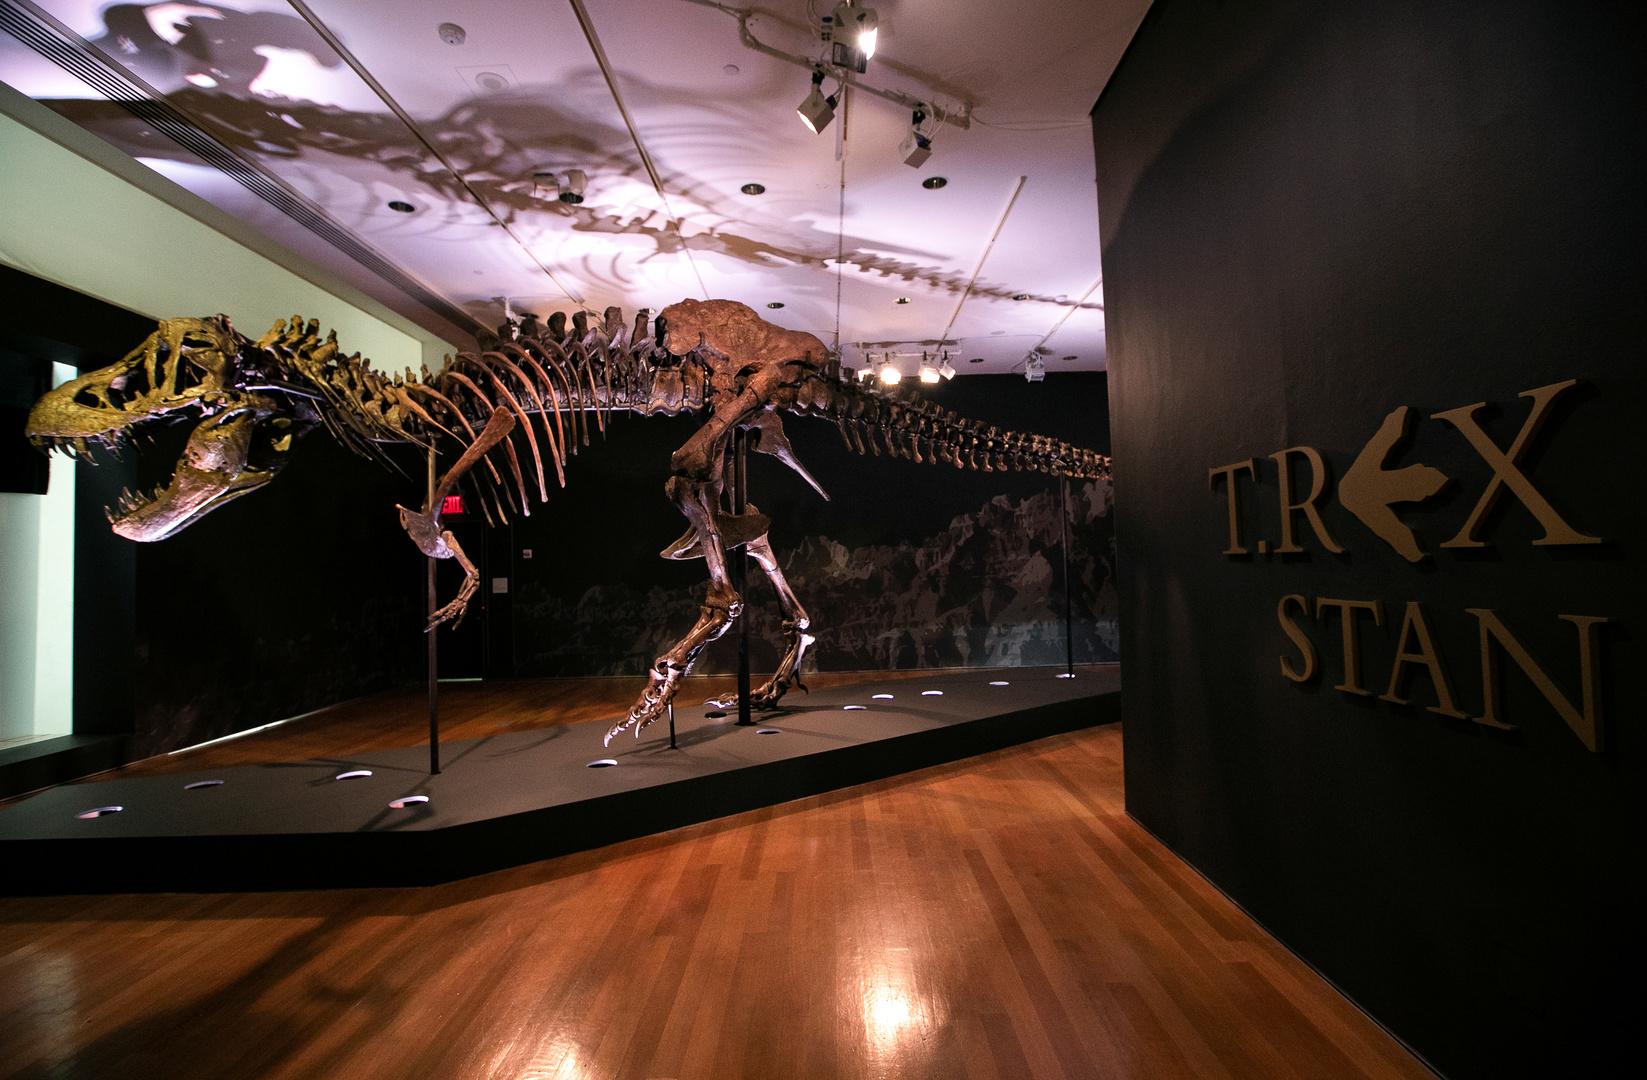 هيكل عظمي تيرانوصور.